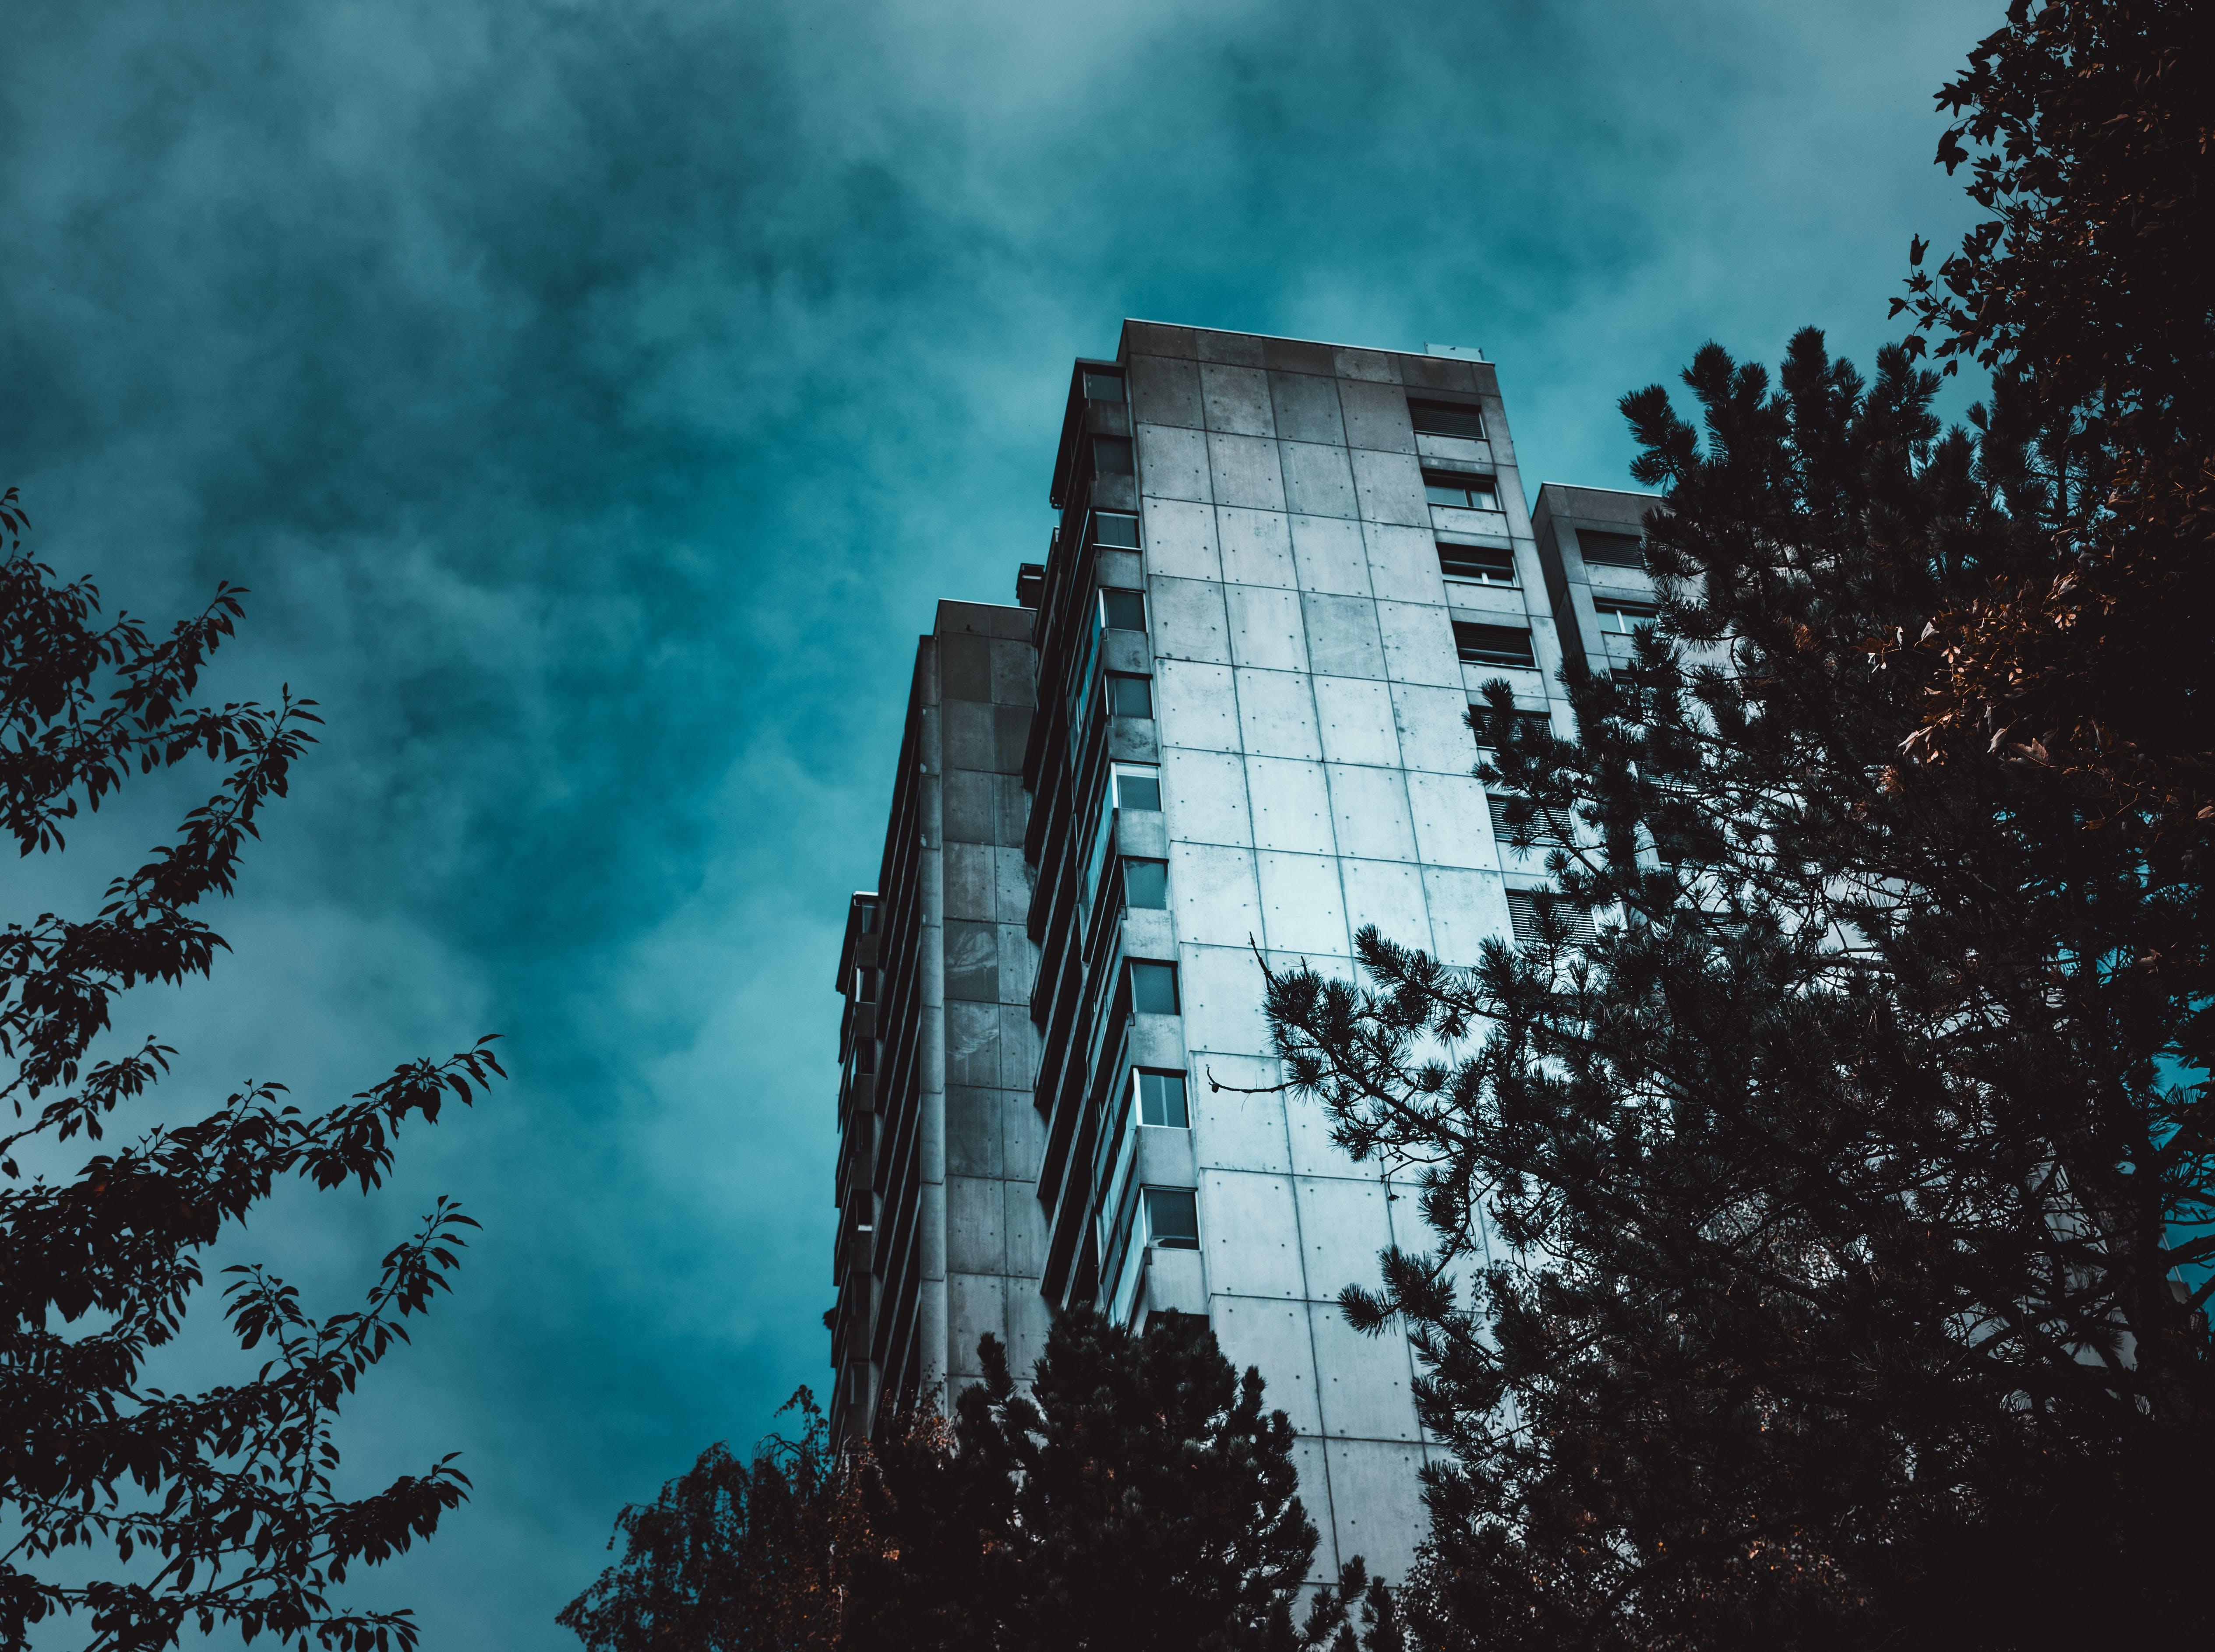 Kostenloses Stock Foto zu stadt, himmel, wolken, dunkel